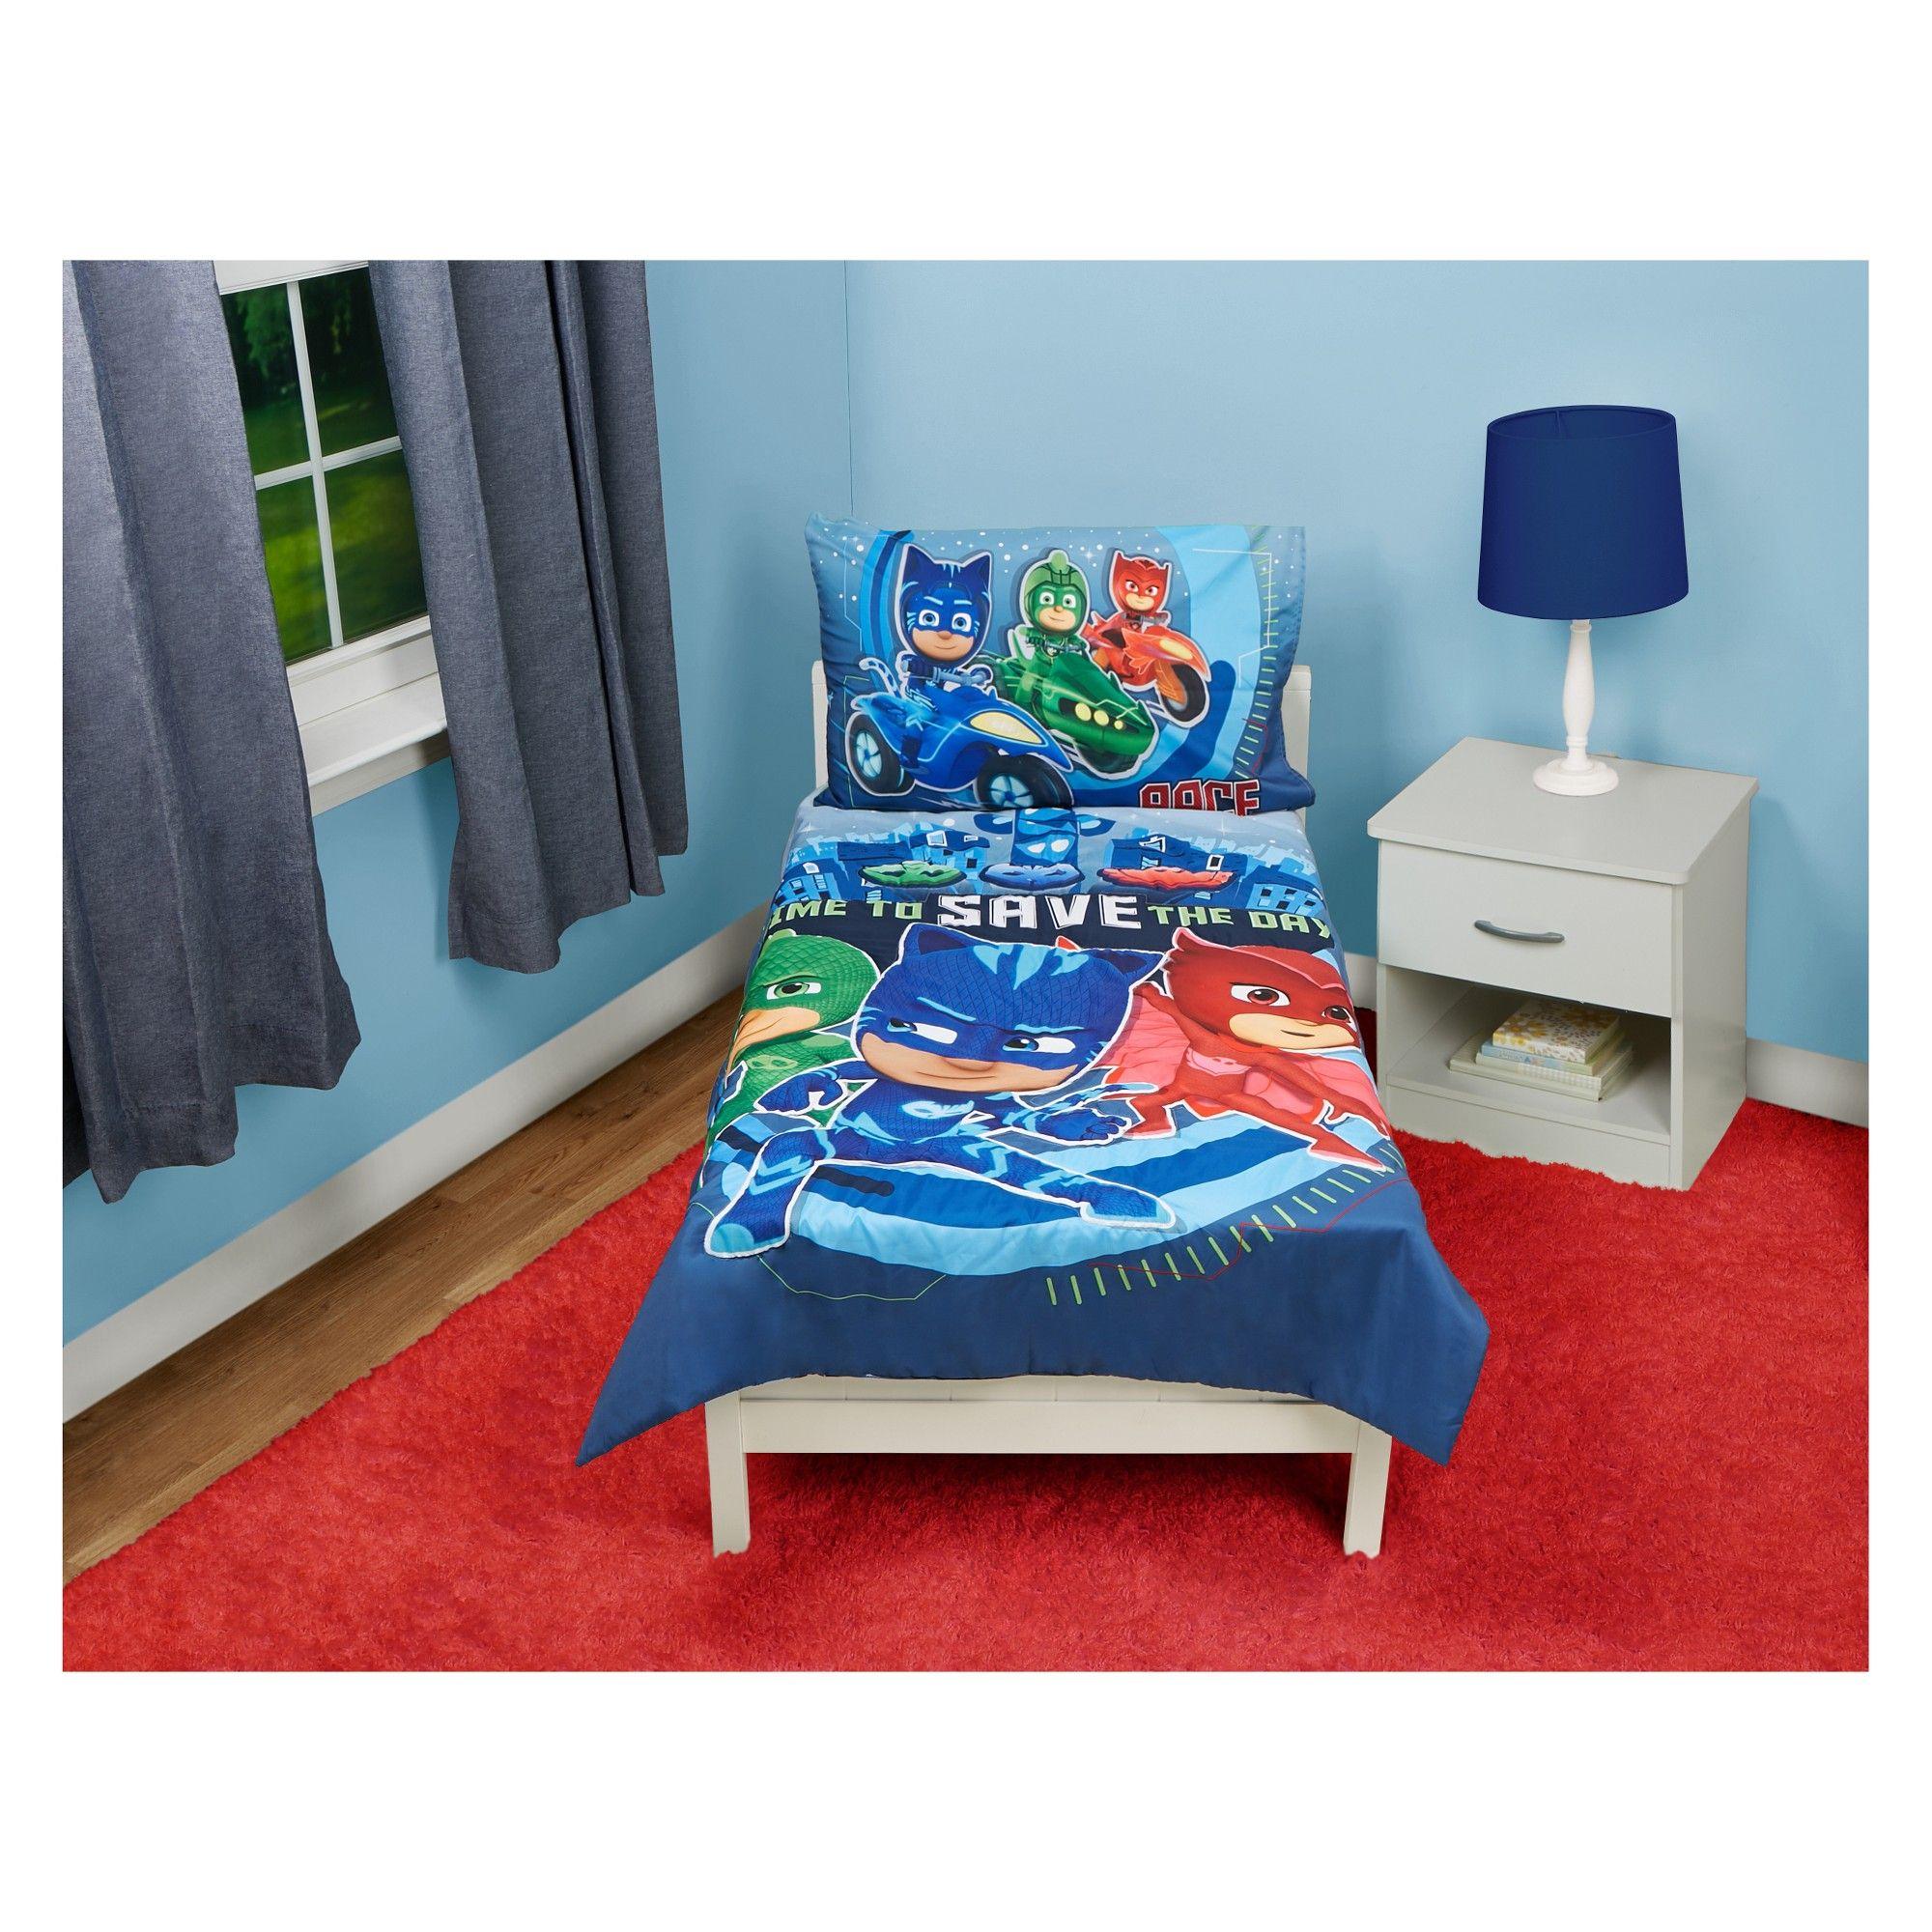 PJ Masks Toddler Bedding Set Blue (With images) Toddler